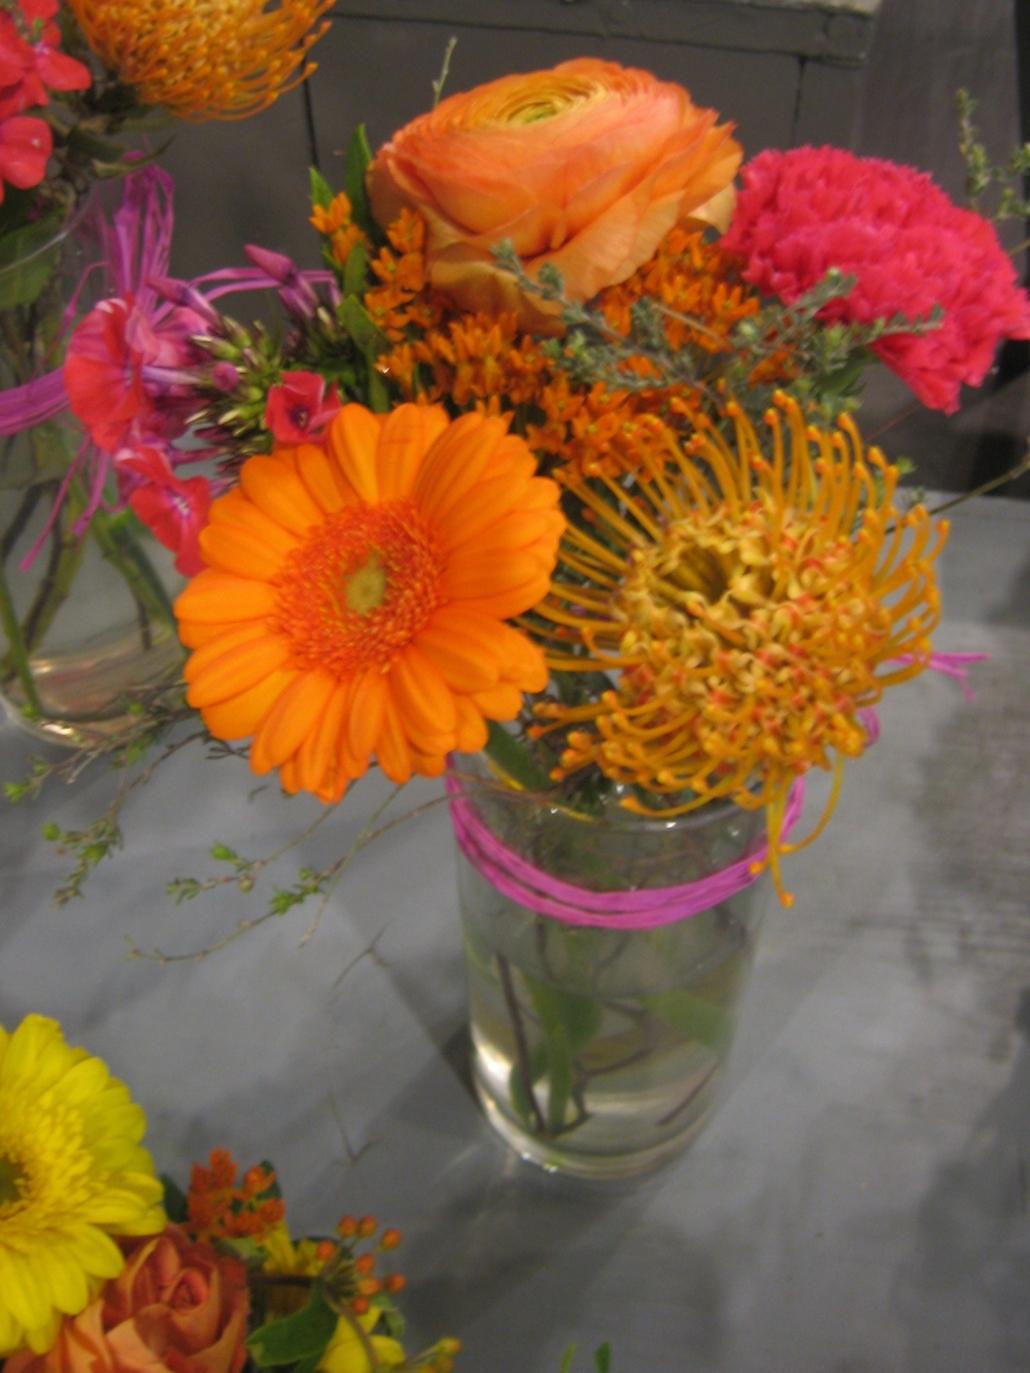 arreglo-floral-en-vaso.jpg